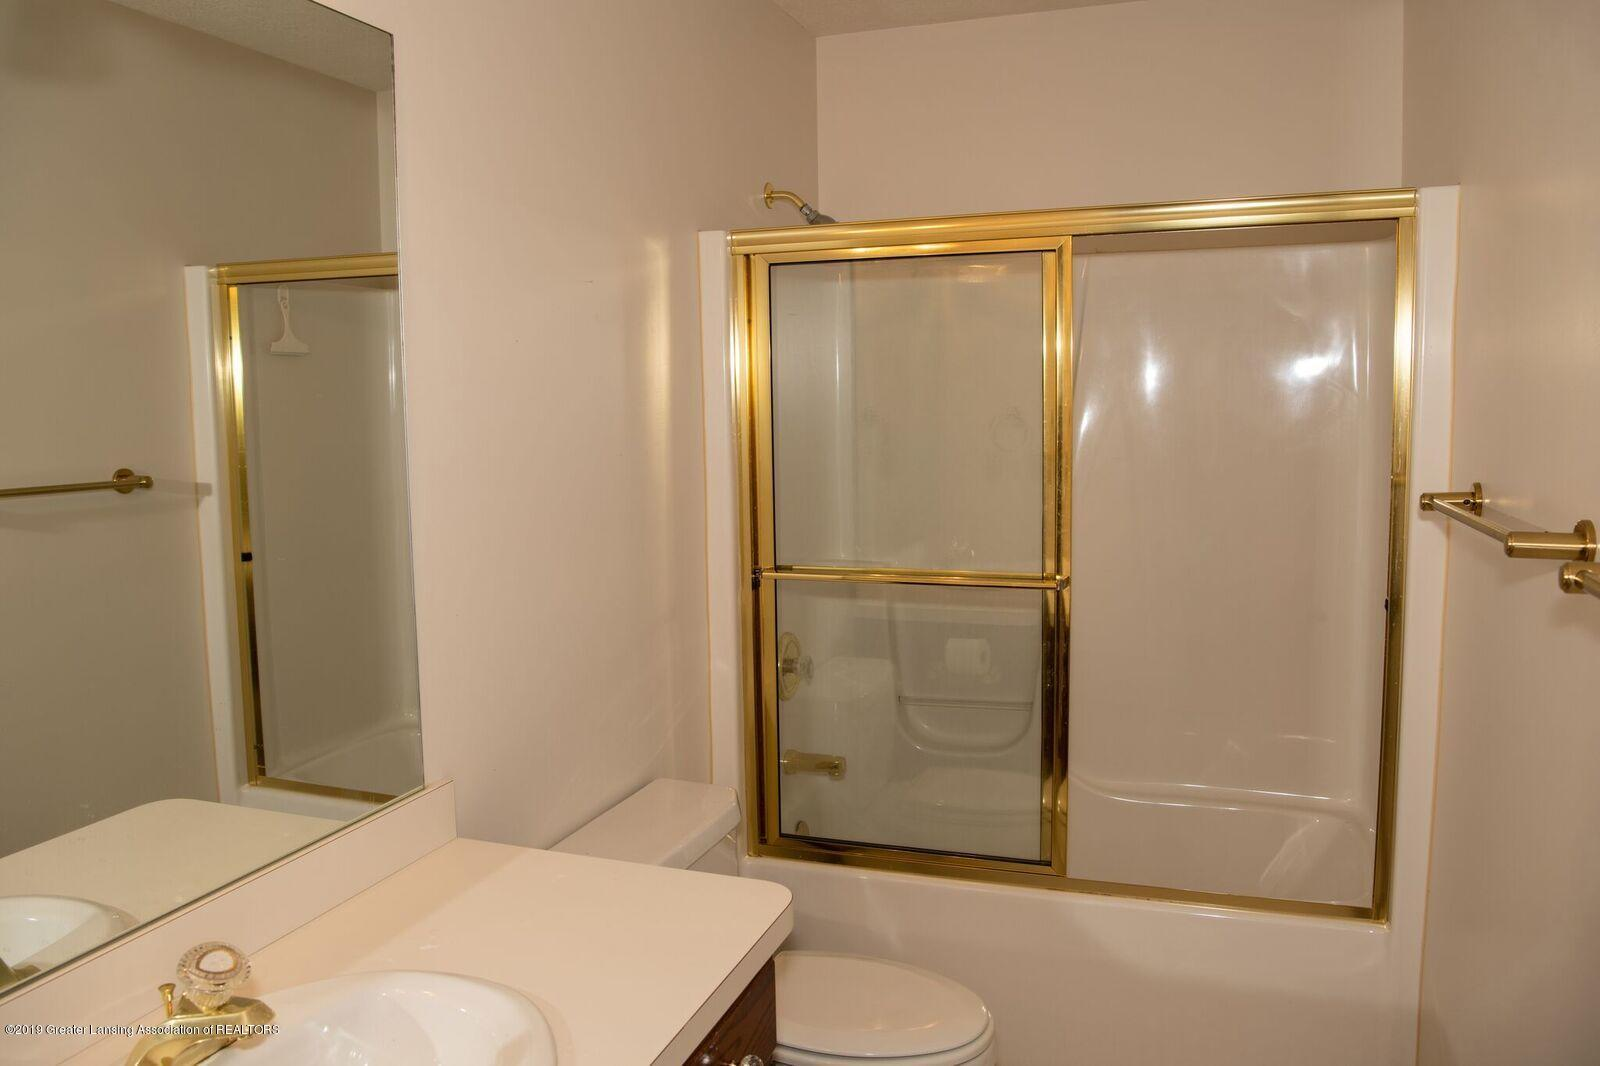 320 Cologne 41 - Cologne Bath Room - 18